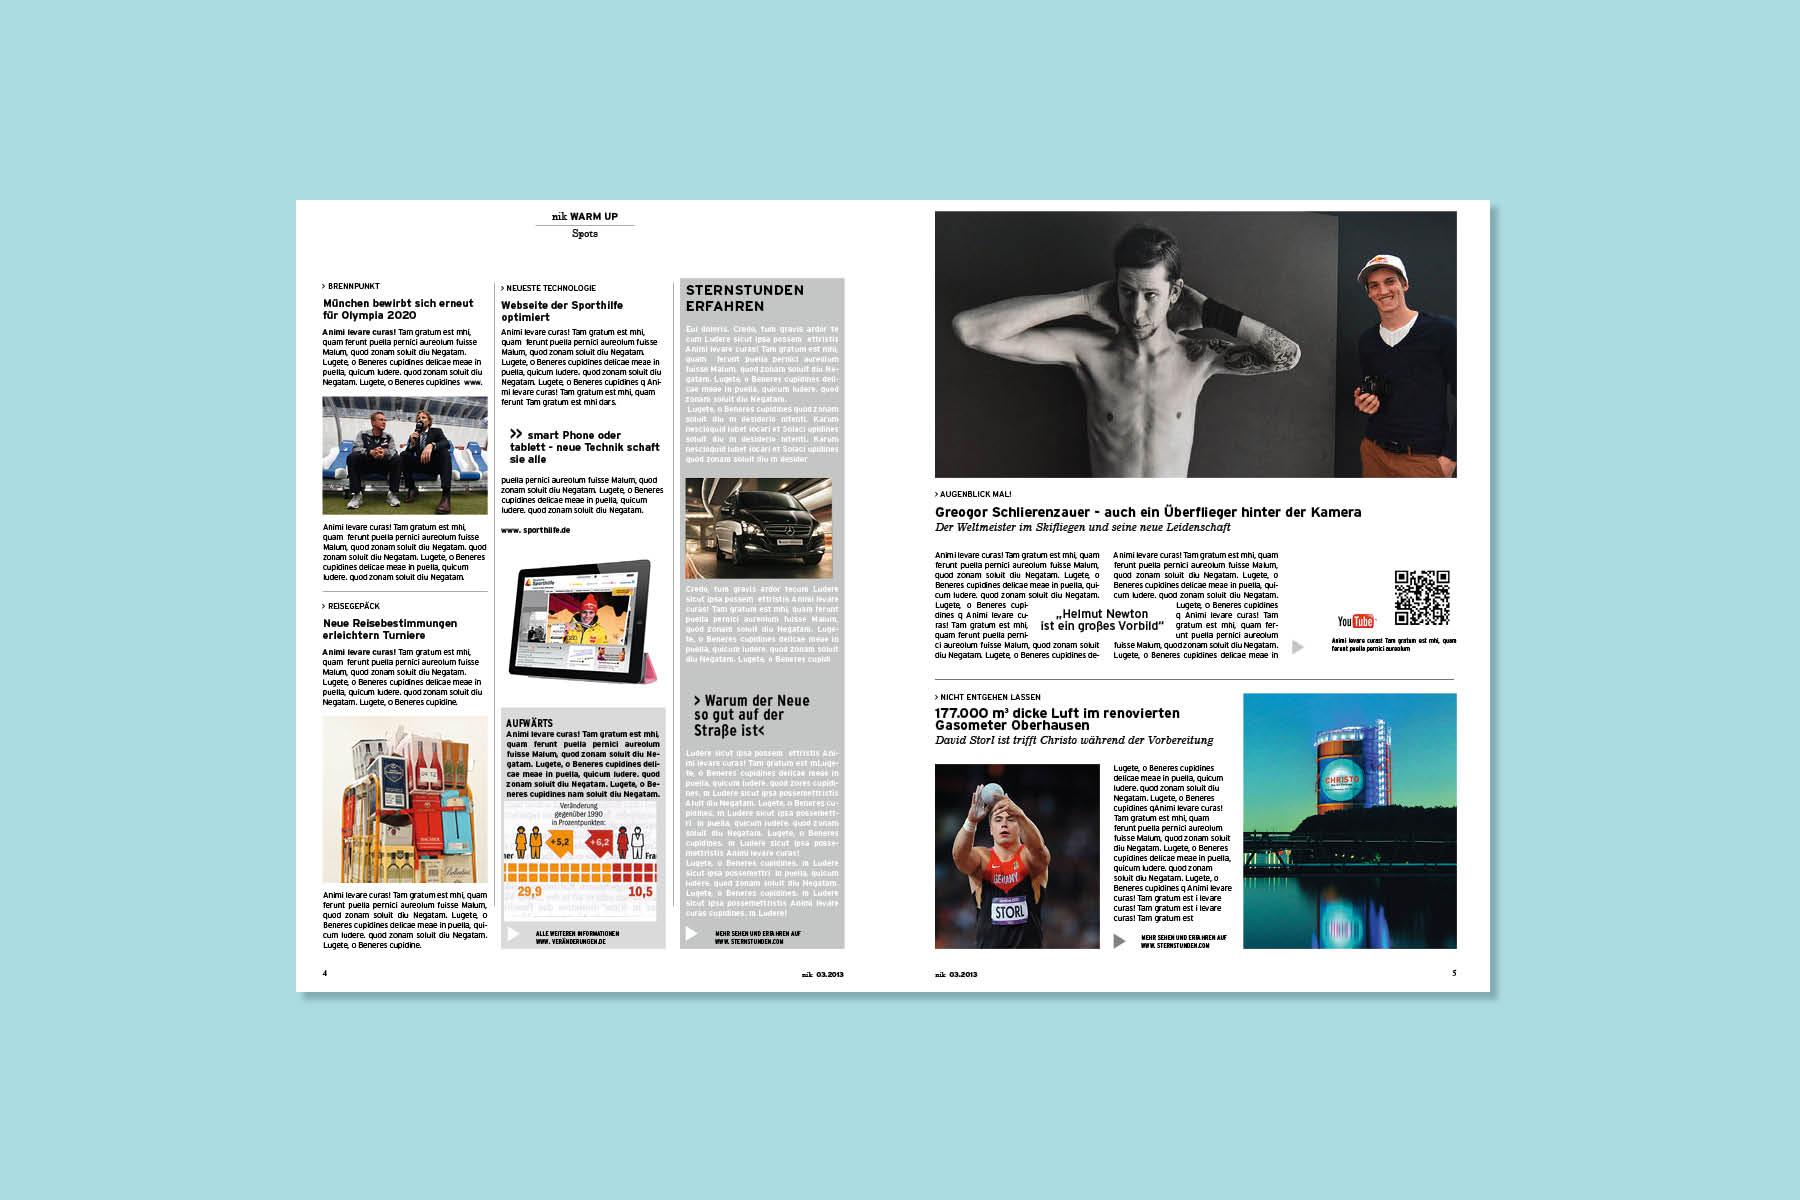 magazin-layout-sports-deutsche sporthilfe